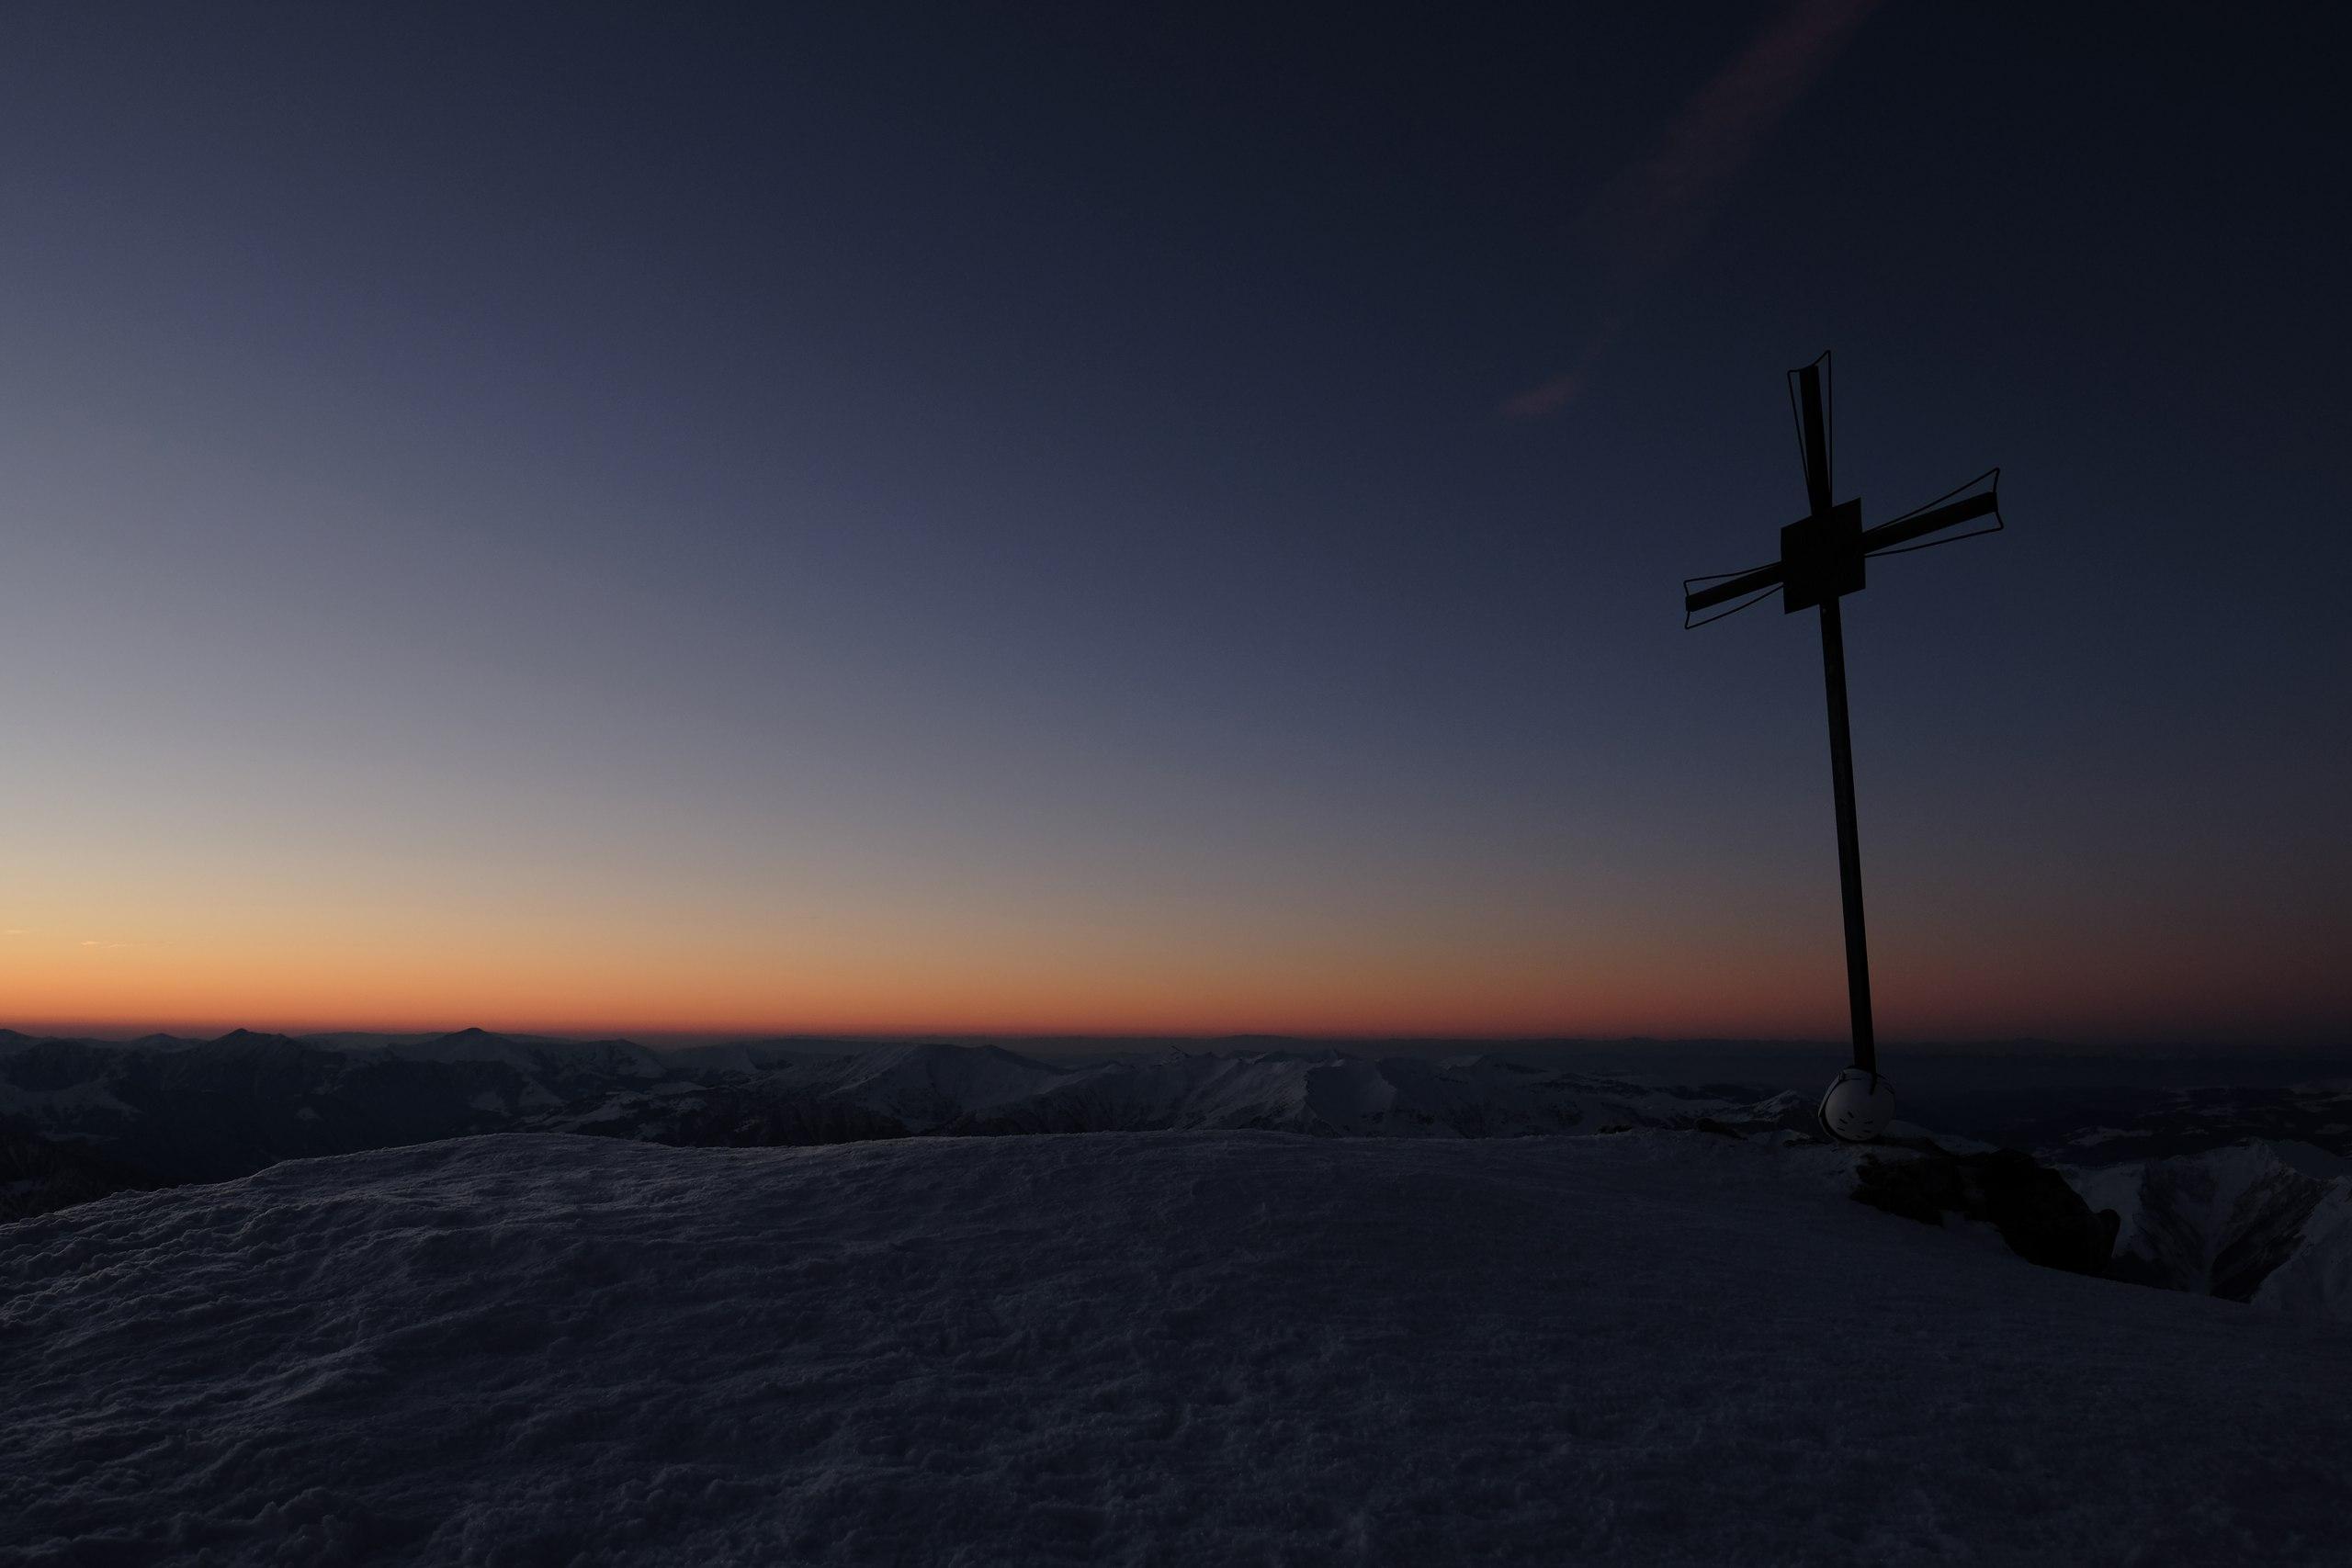 красивое утро в горах